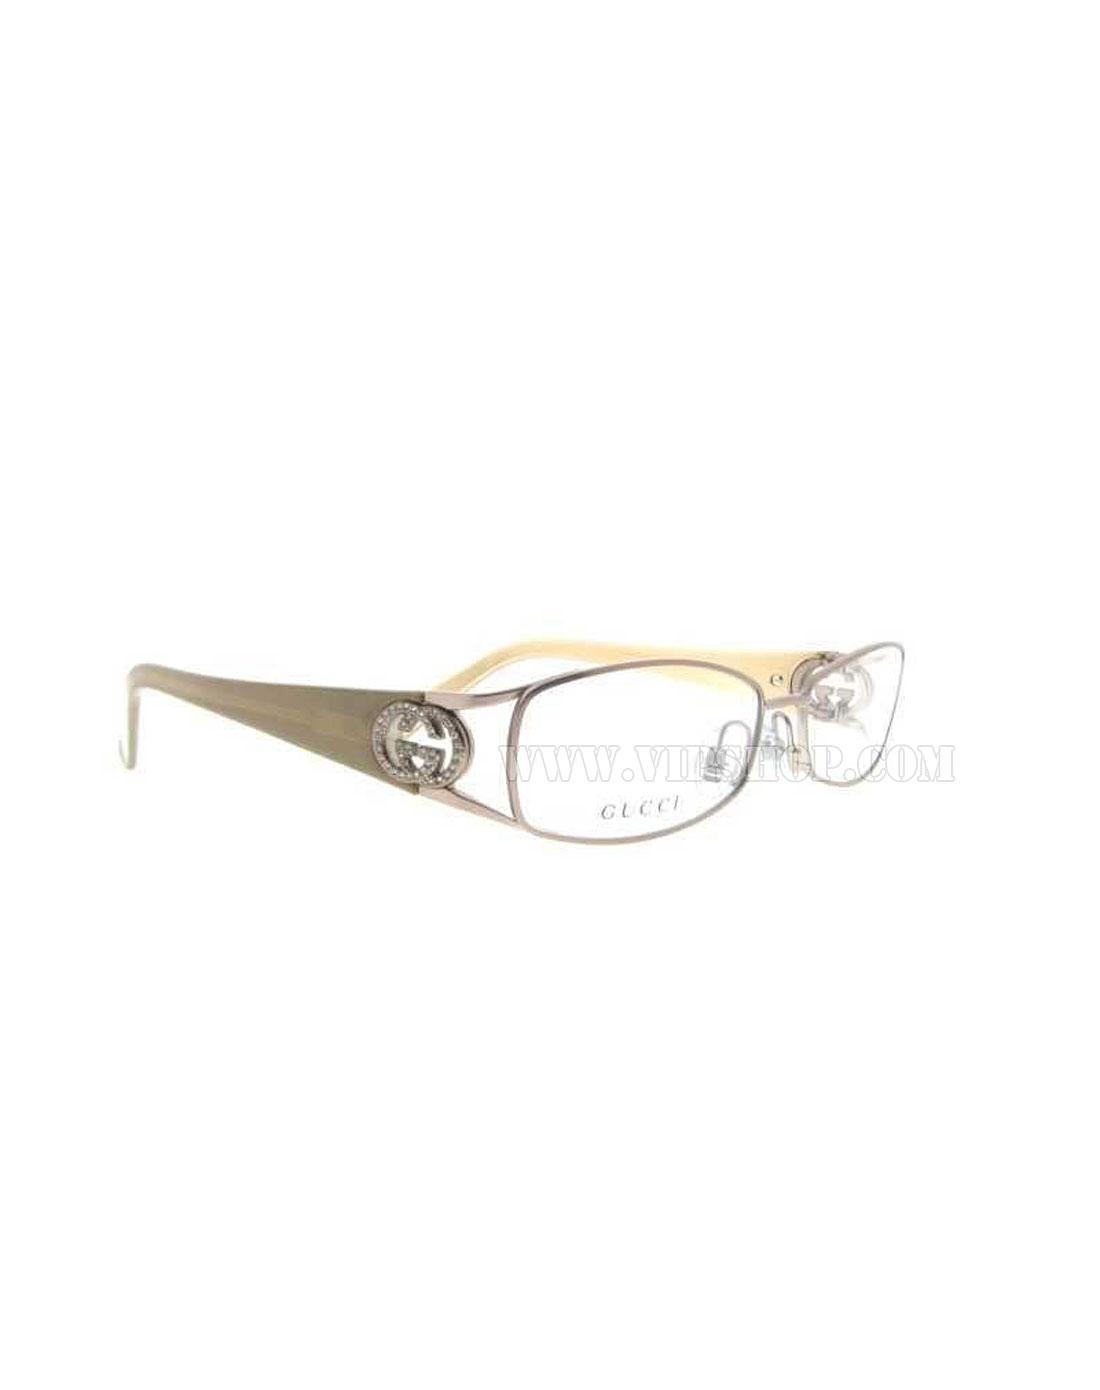 gucci 女款可爱眼镜粉色